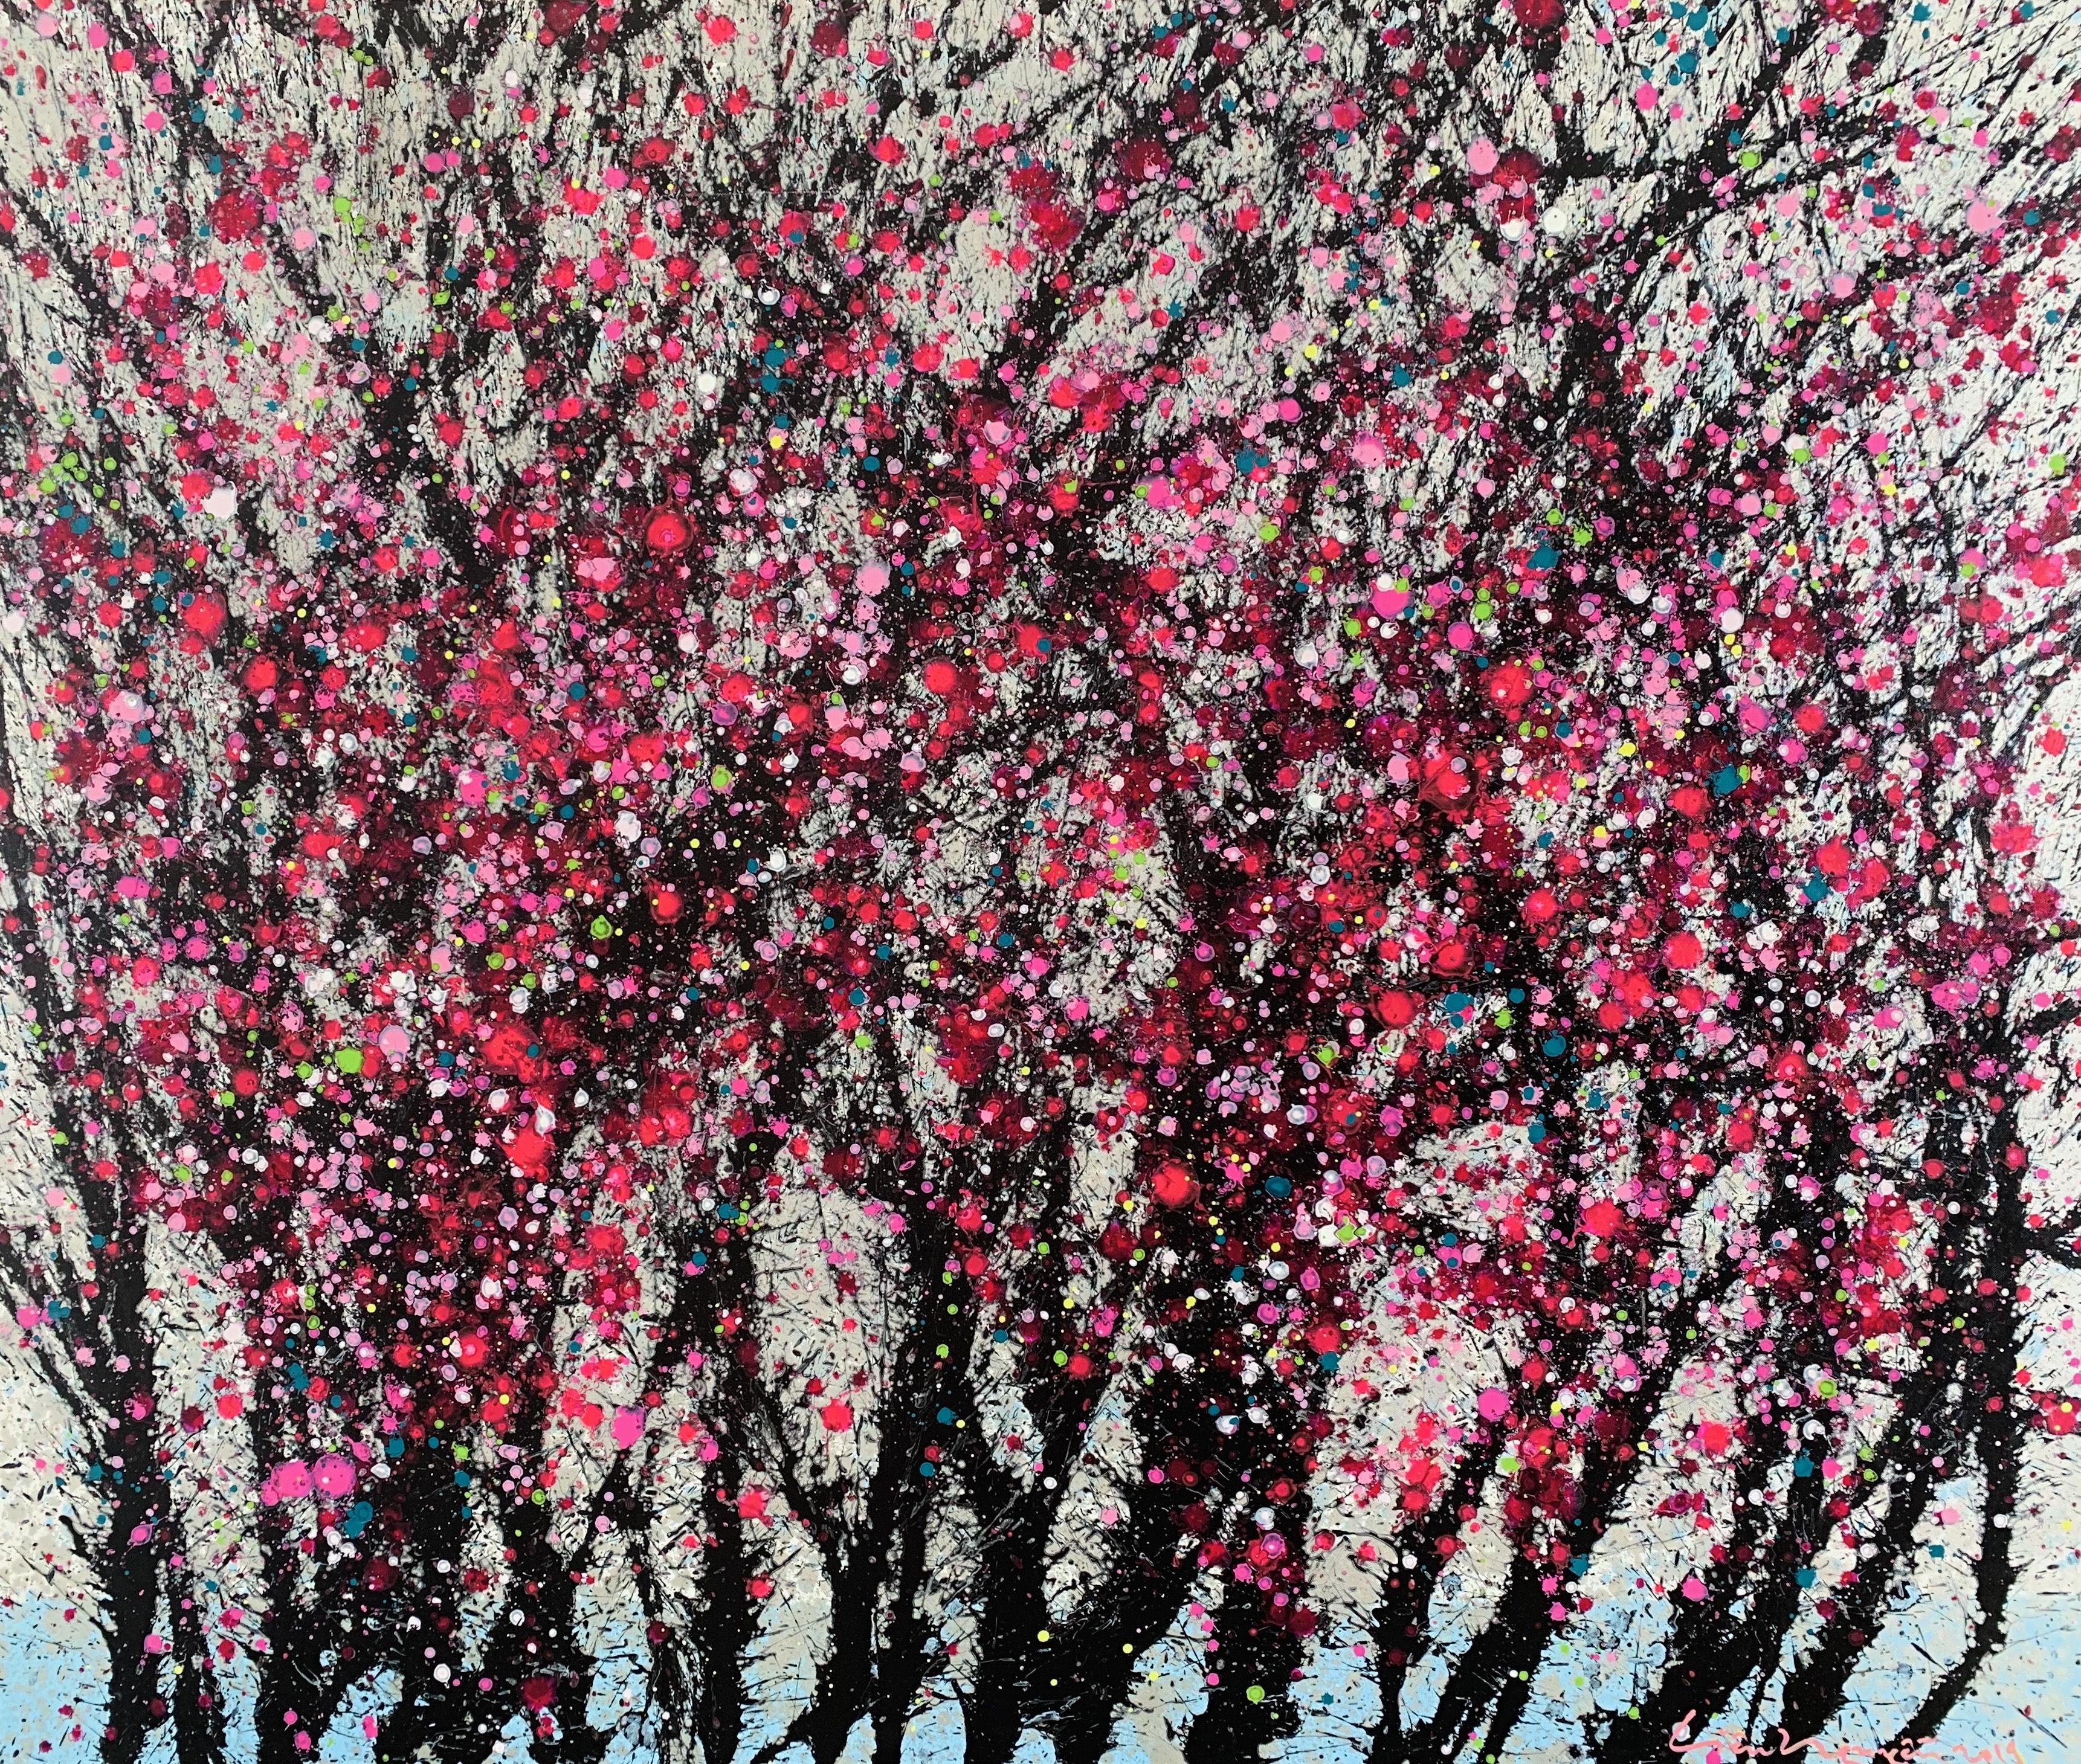 Peach Blossoms 03 | Hoa Đào 03